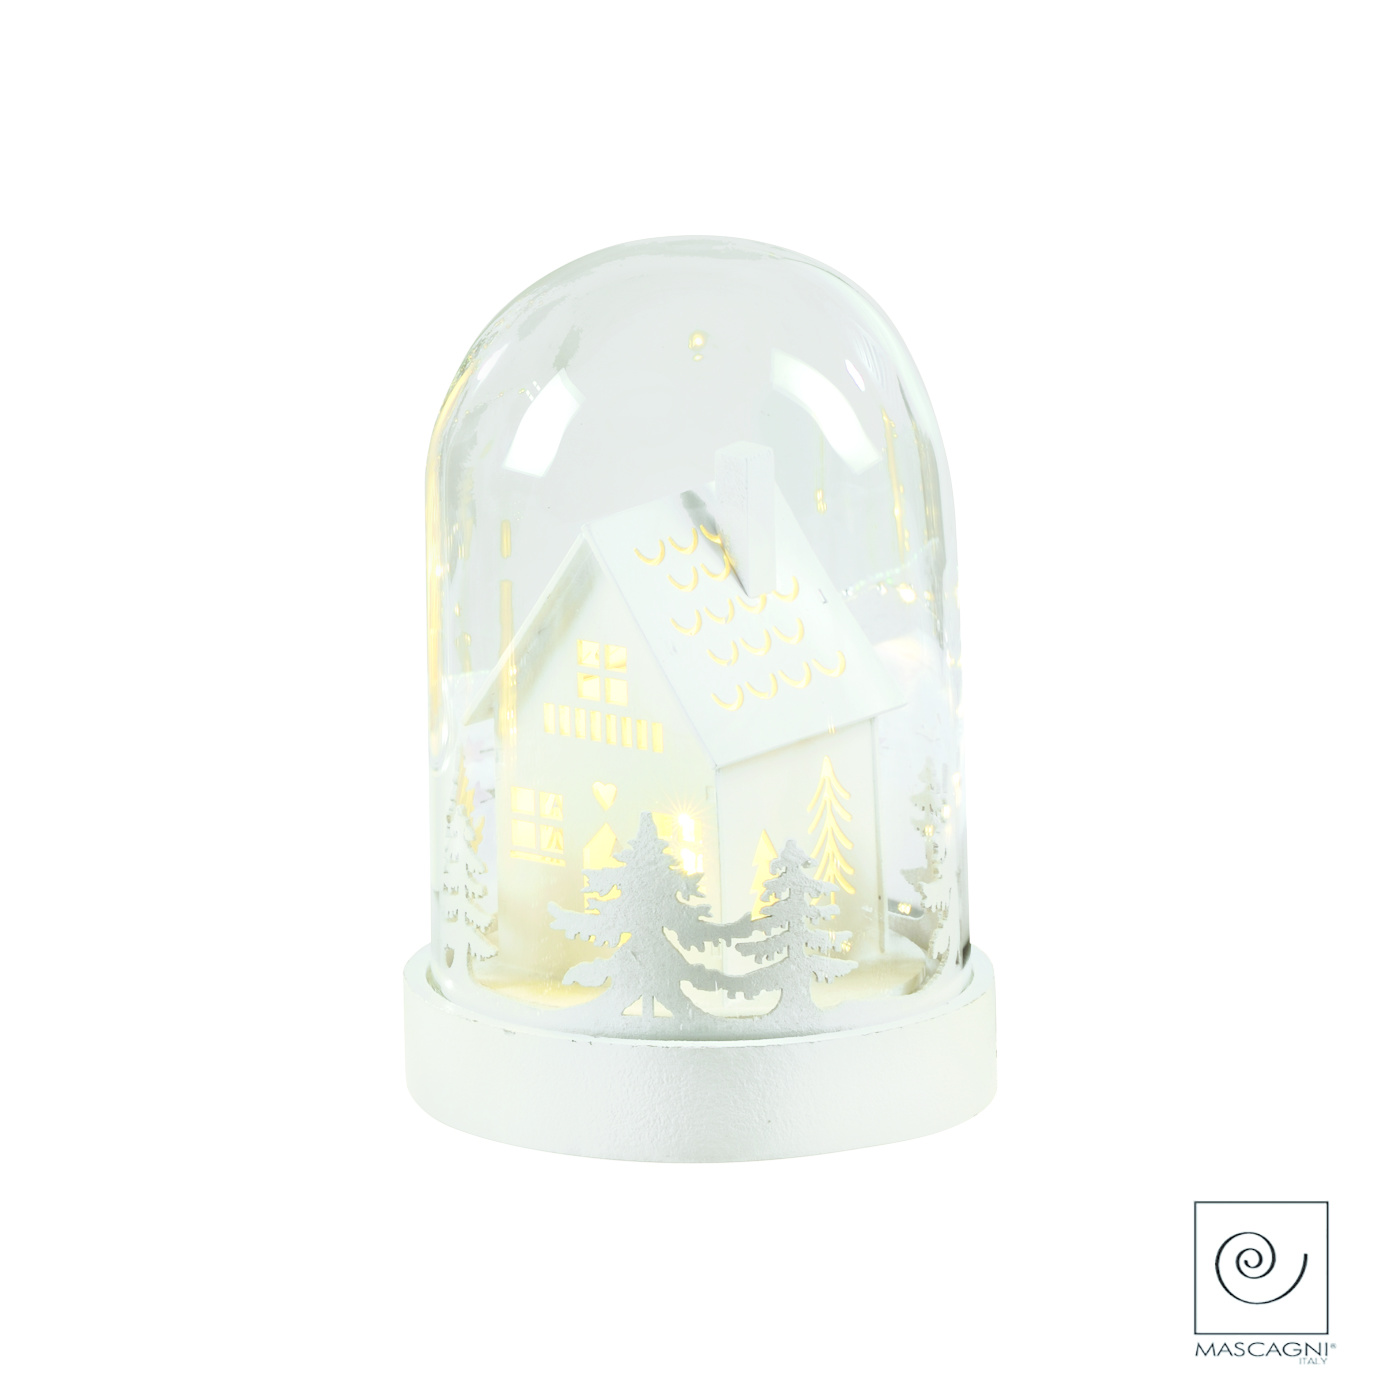 Art Mascagni LED BELL CM.18